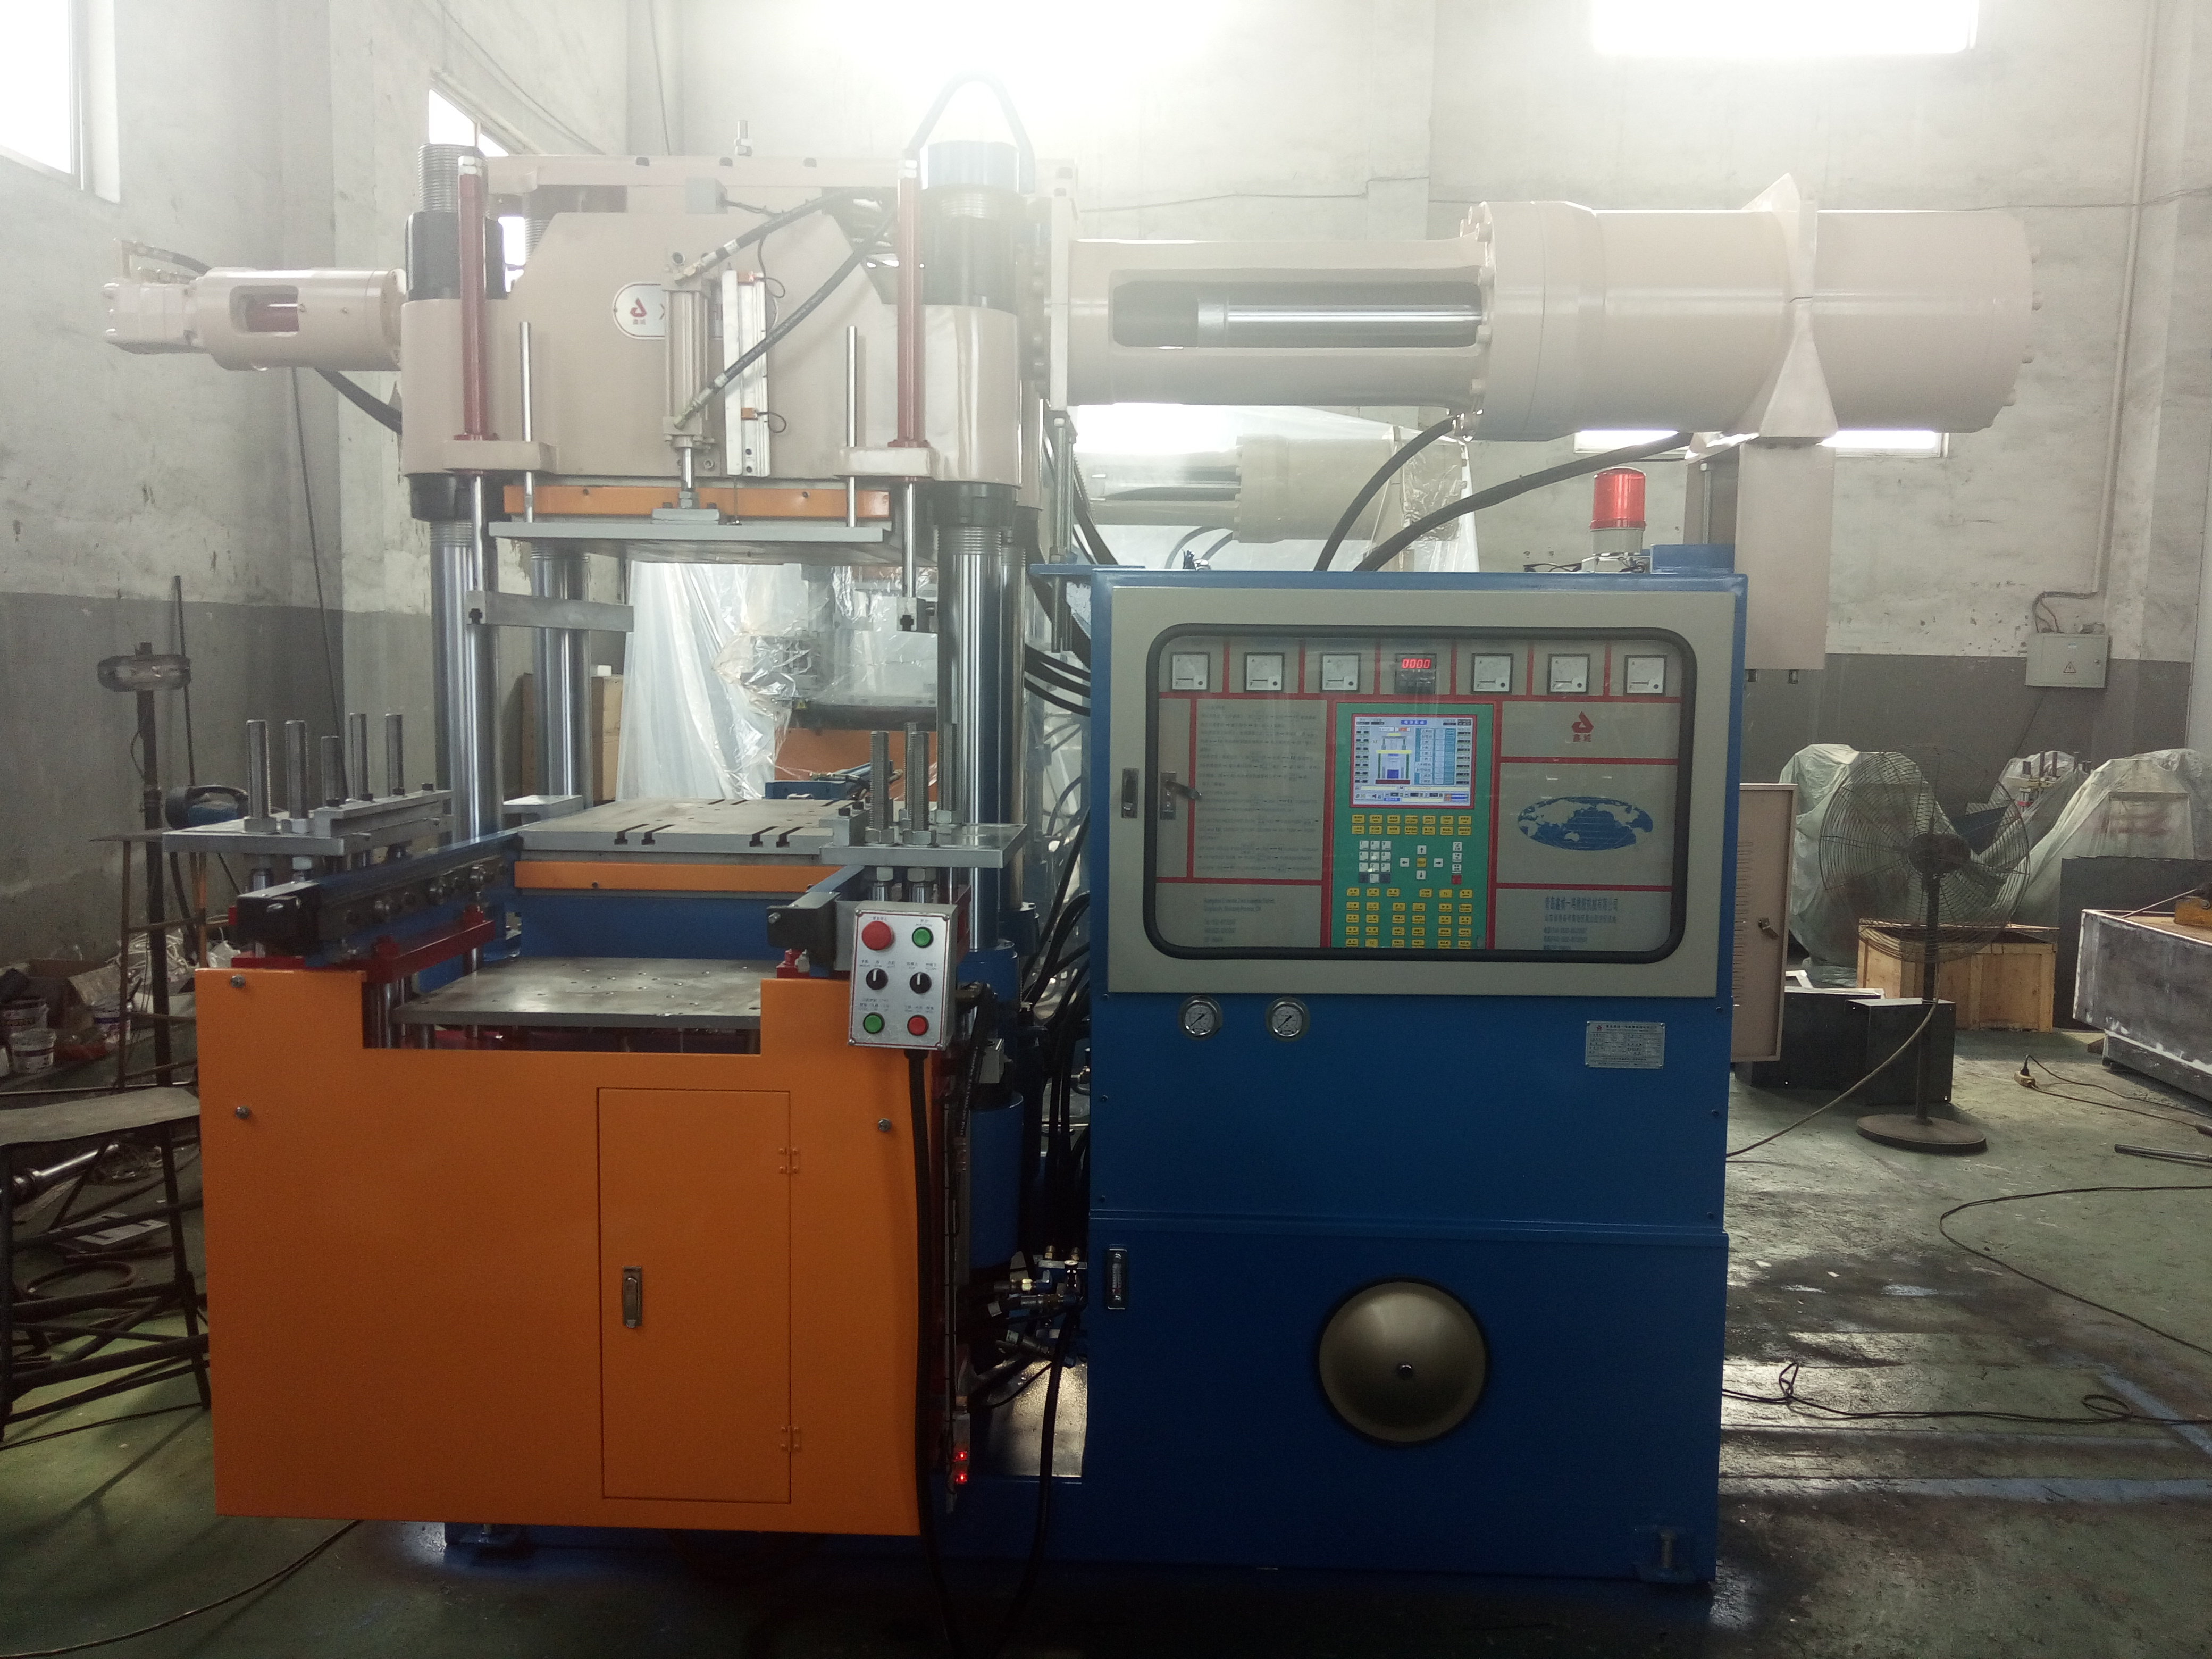 硅胶橡胶注射机,天然胶橡胶注射机,合成胶橡胶注射机